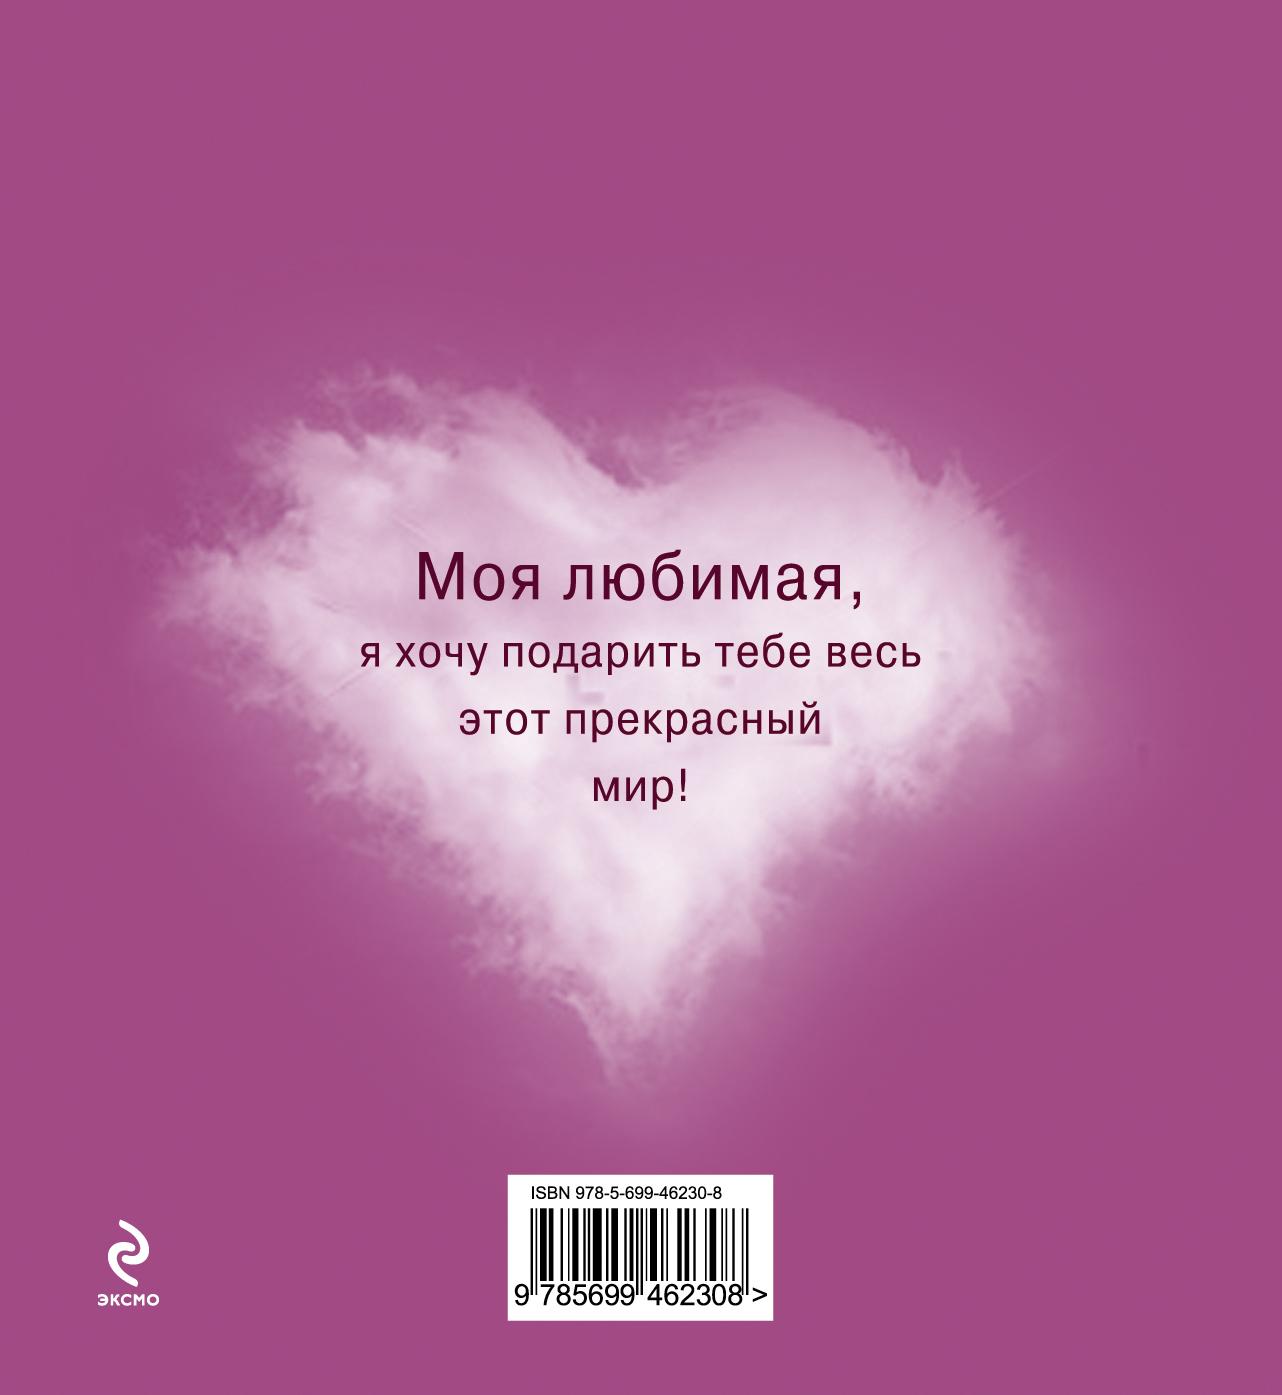 Весь мир для тебя, Любимая. Наш романтический план путешествий